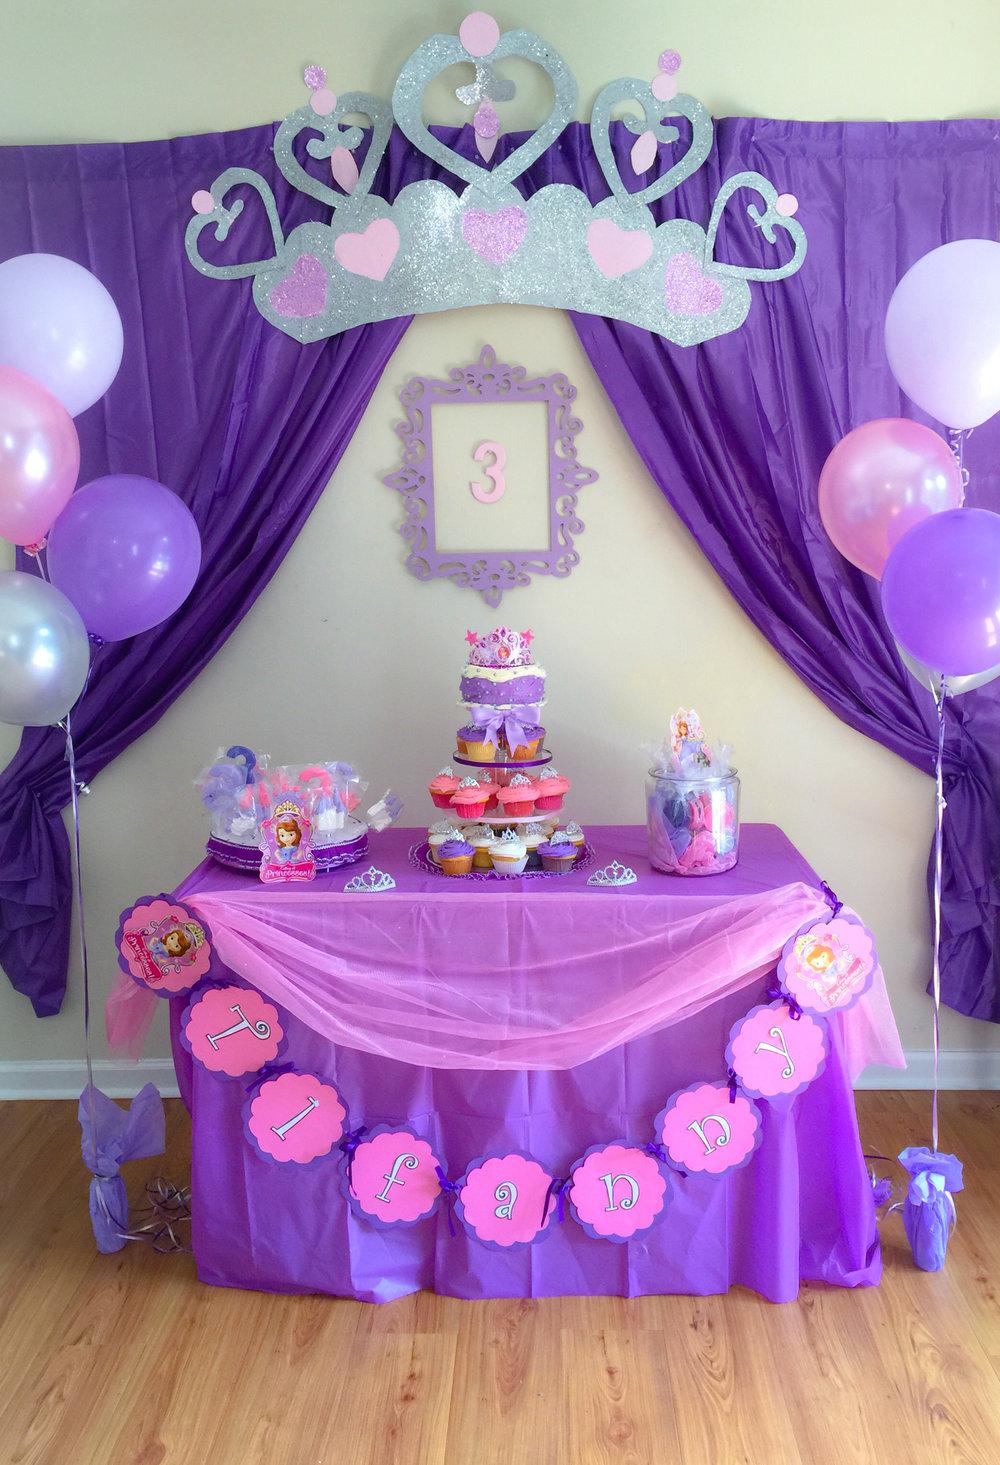 Festa Princesa Sofia 60 Ideias de Decoraç u00e3o e Fotos do Tema -> Decoração De Aniversário Princesa Sofia